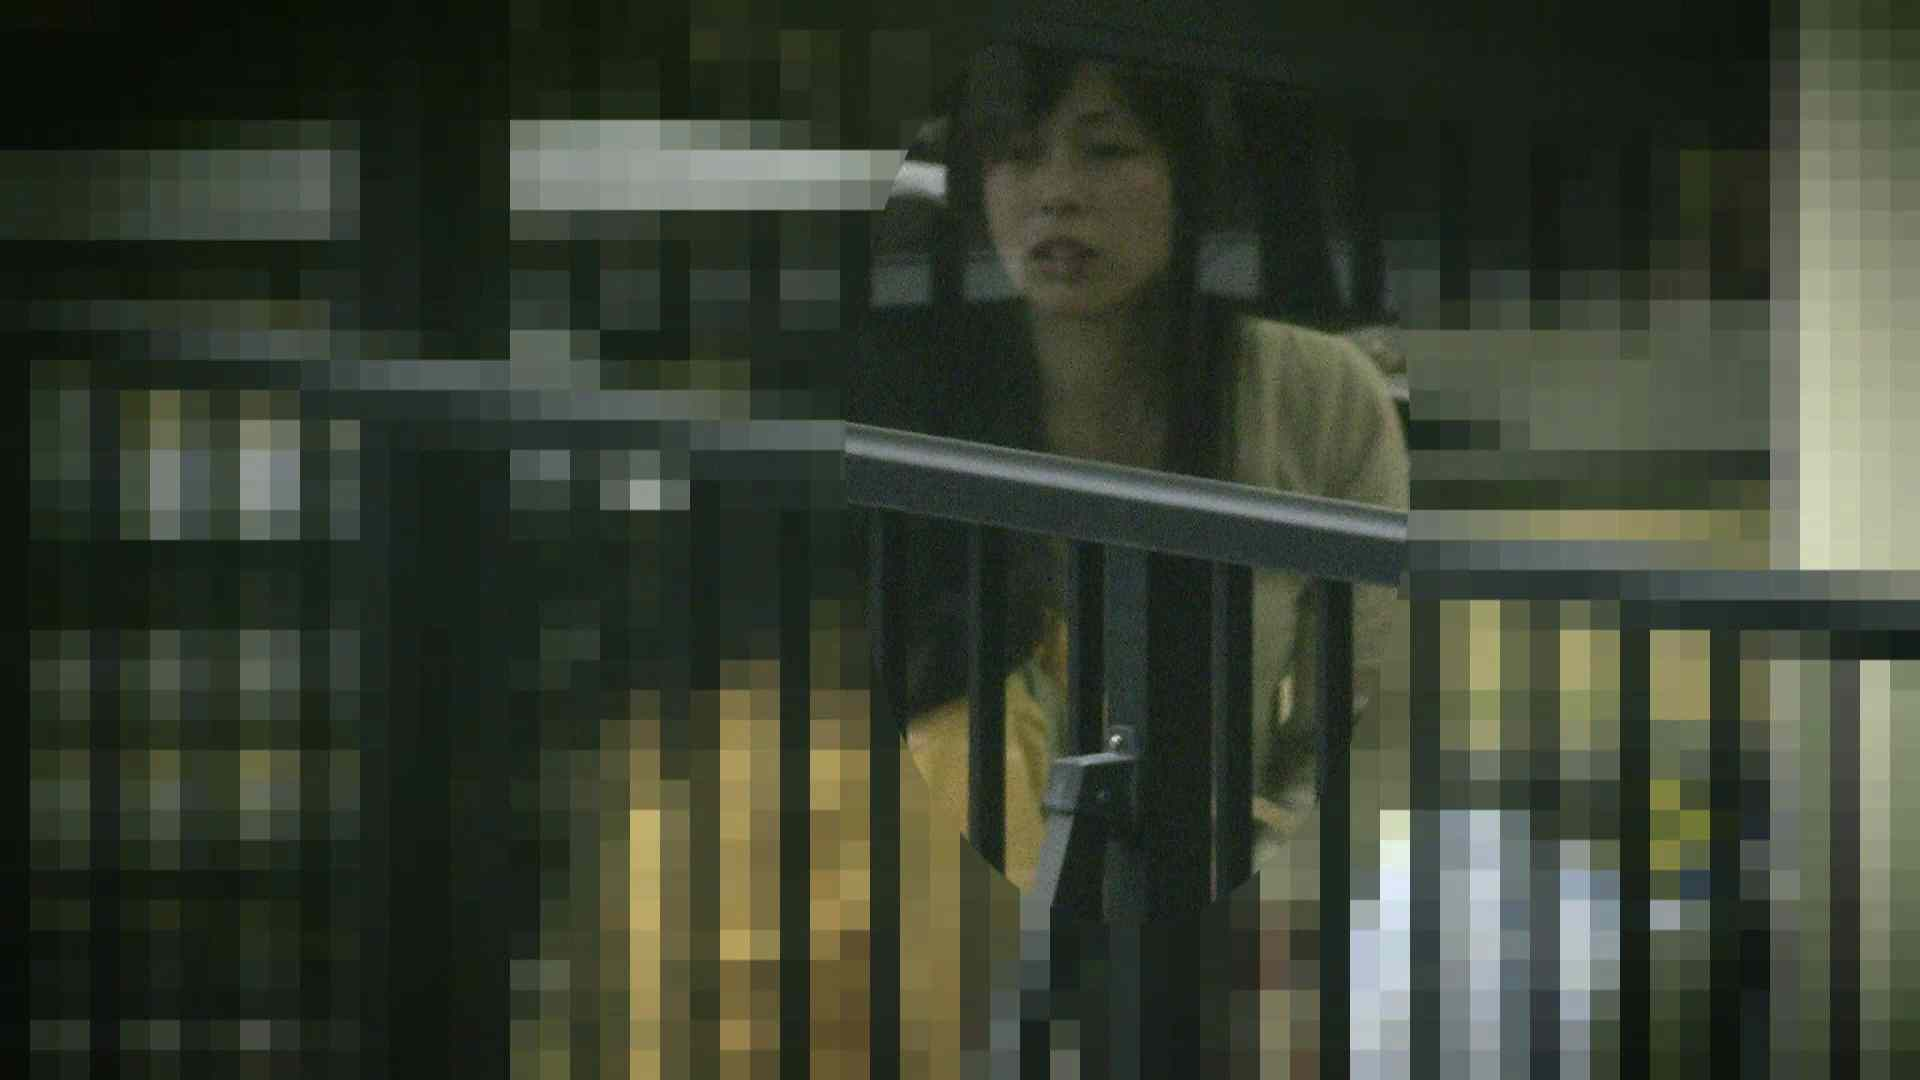 高画質露天女風呂観察 vol.006 望遠 すけべAV動画紹介 60連発 41